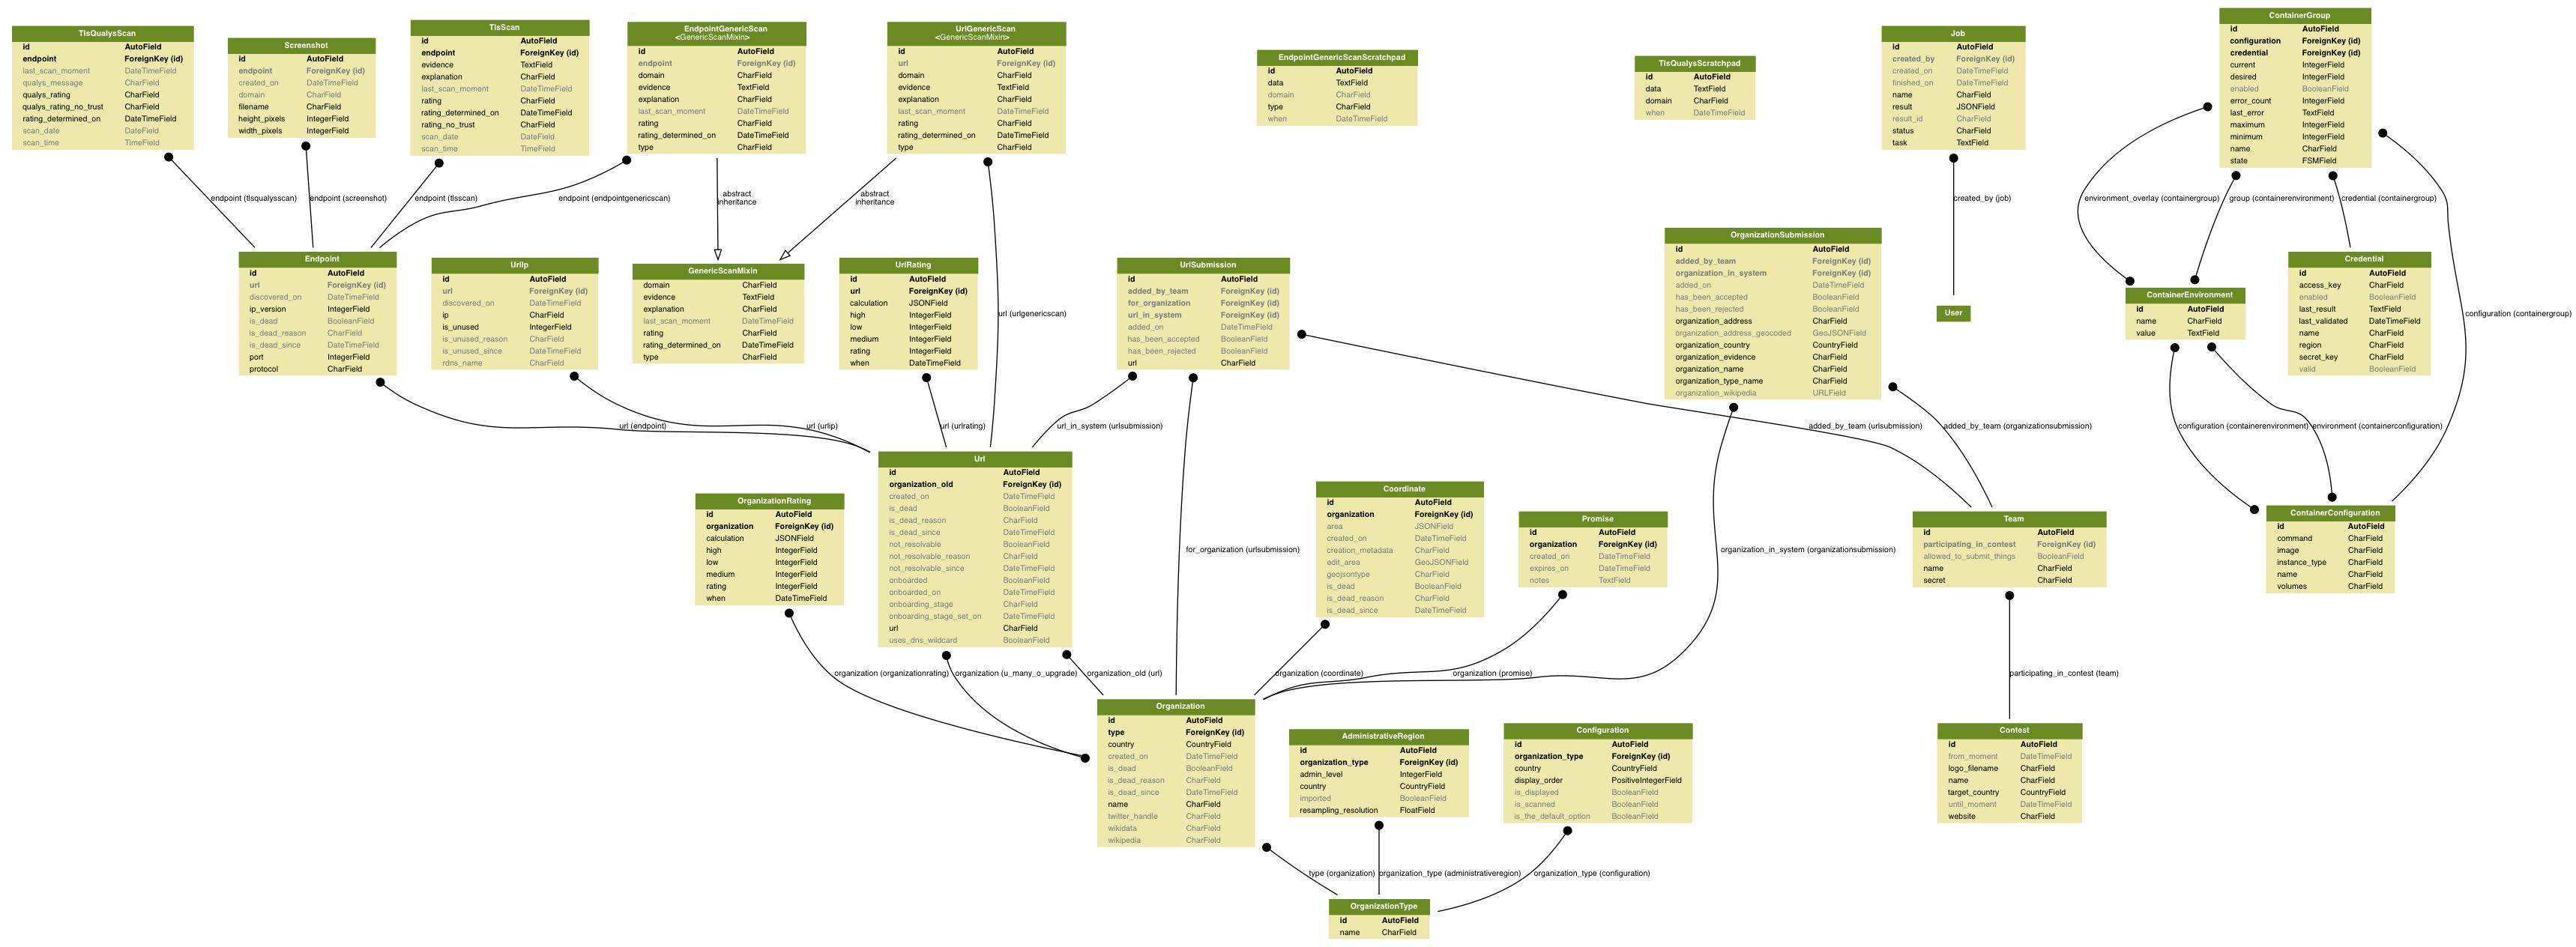 docs/source/topics/development/data_model/failmap_models.png